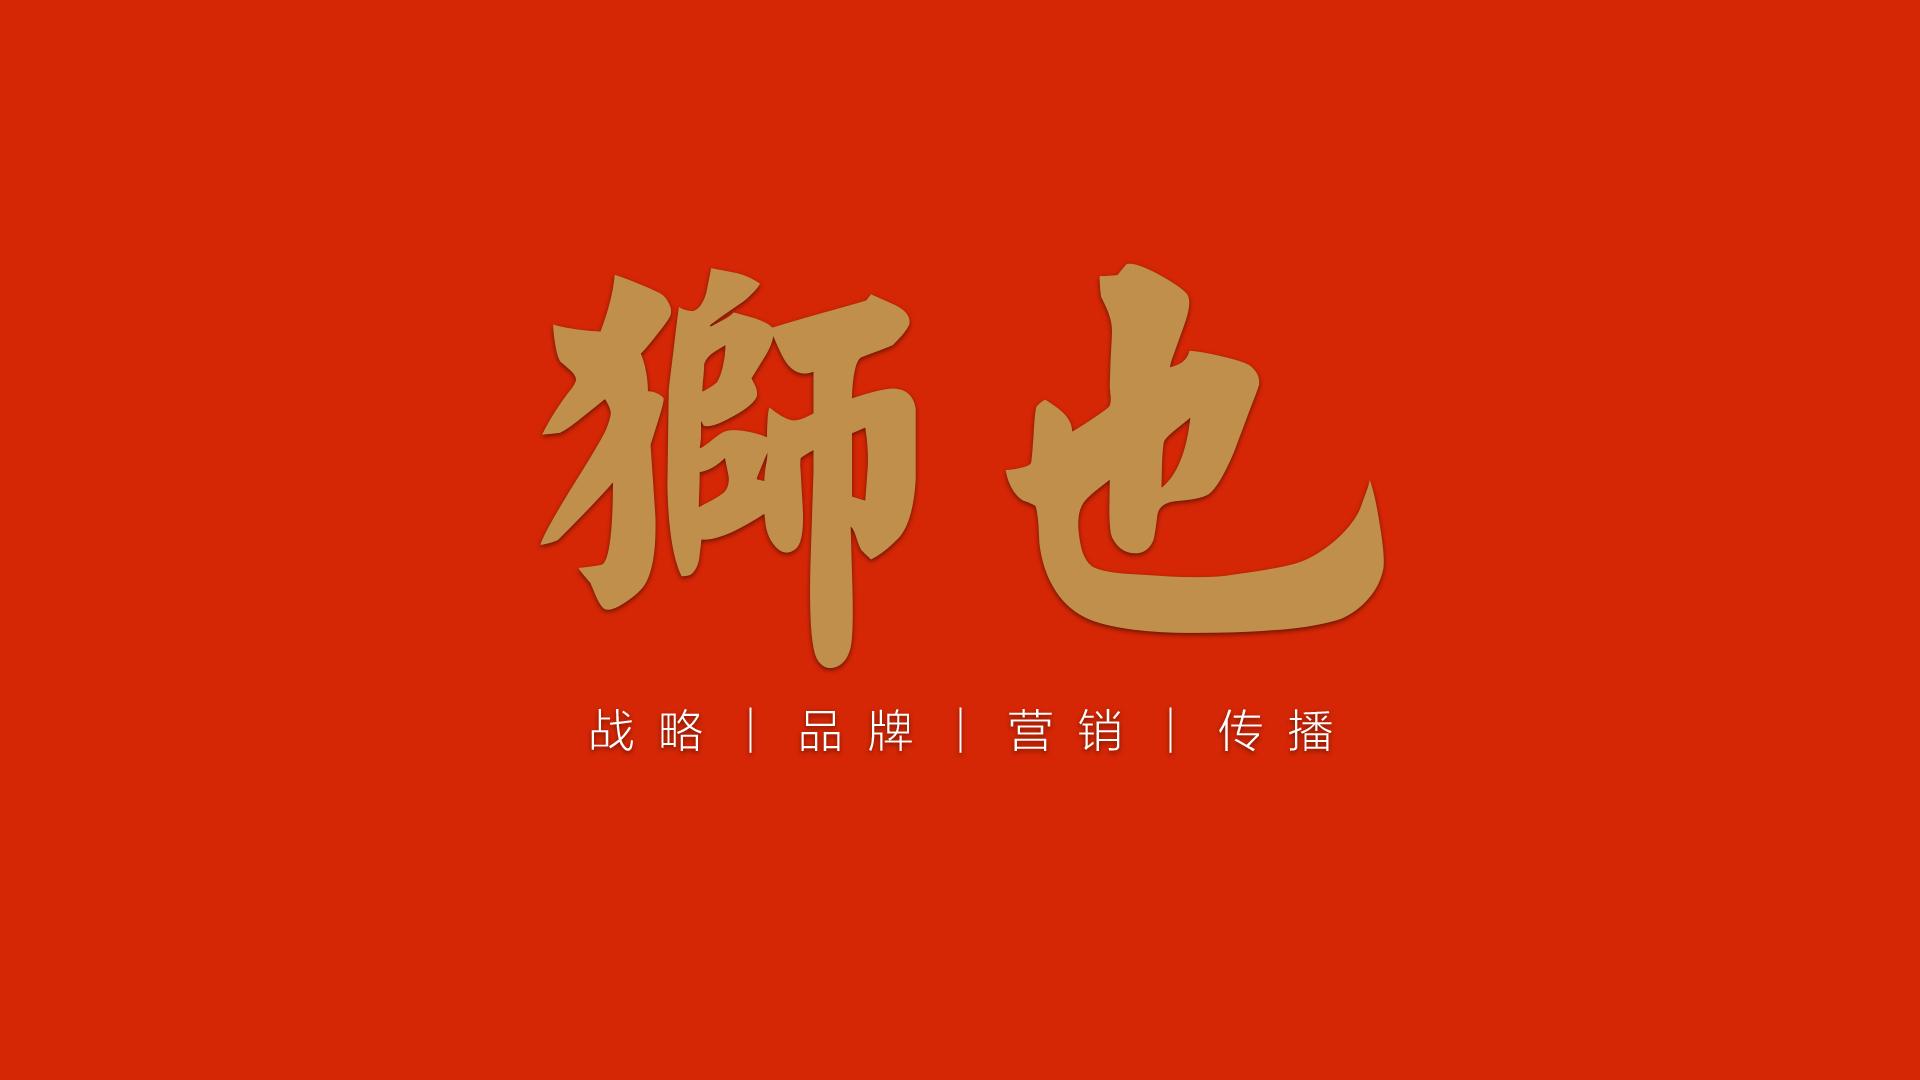 数据库营销的理论基础—山东济南狮也战略品爱营销策划咨询顾问公司